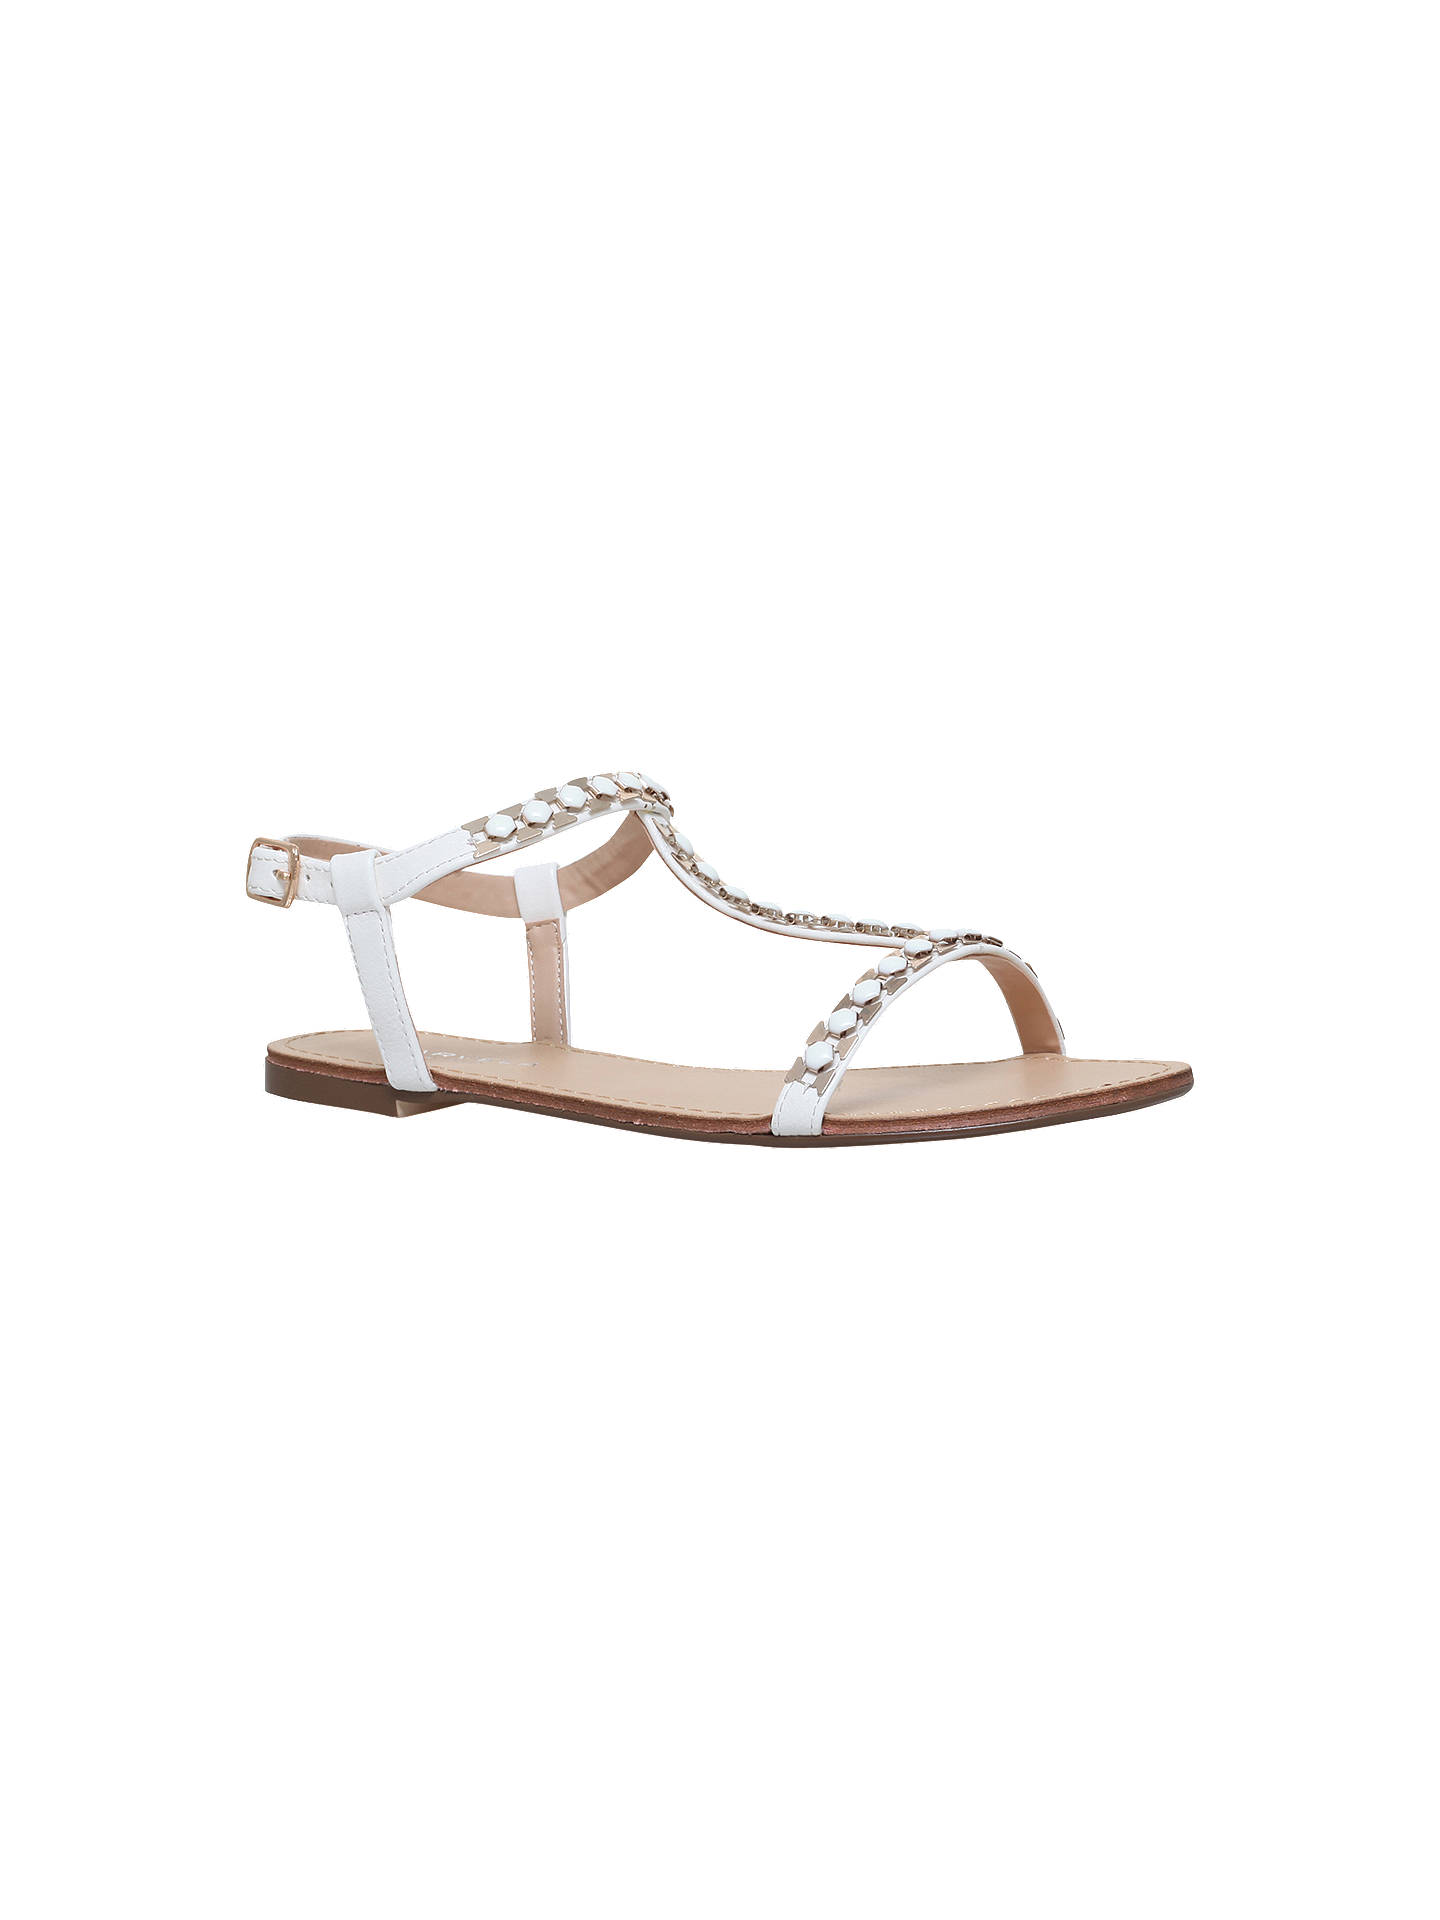 bd813e72c9b Buy Carvela Blaze T-Bar Embellished Sandals